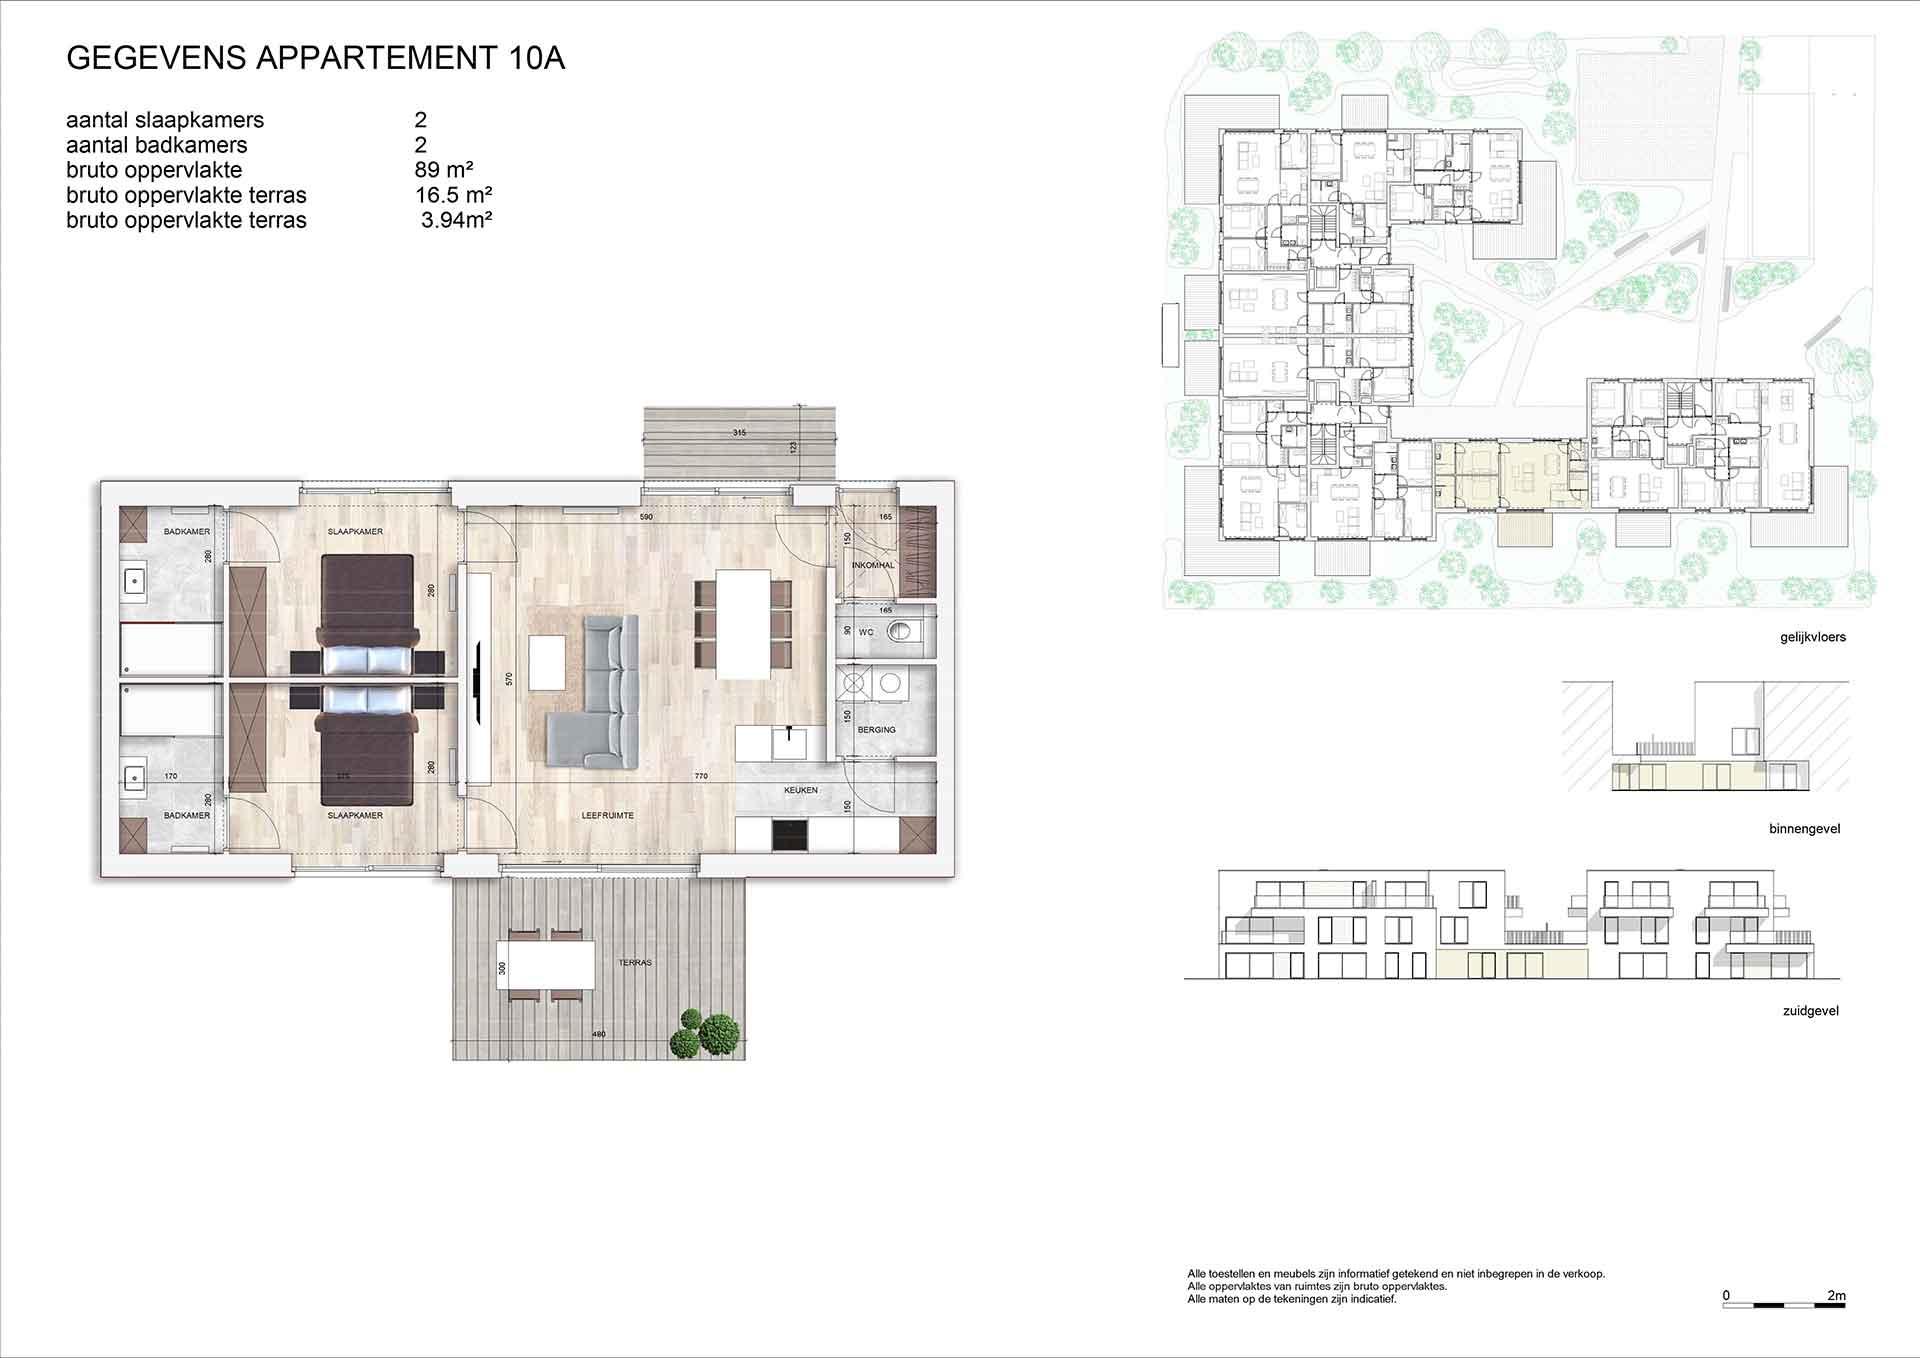 Villa<br/> Duchamp - image appartement-te-koop-nieuwpoort-villa-duchamp-10A on https://hoprom.be